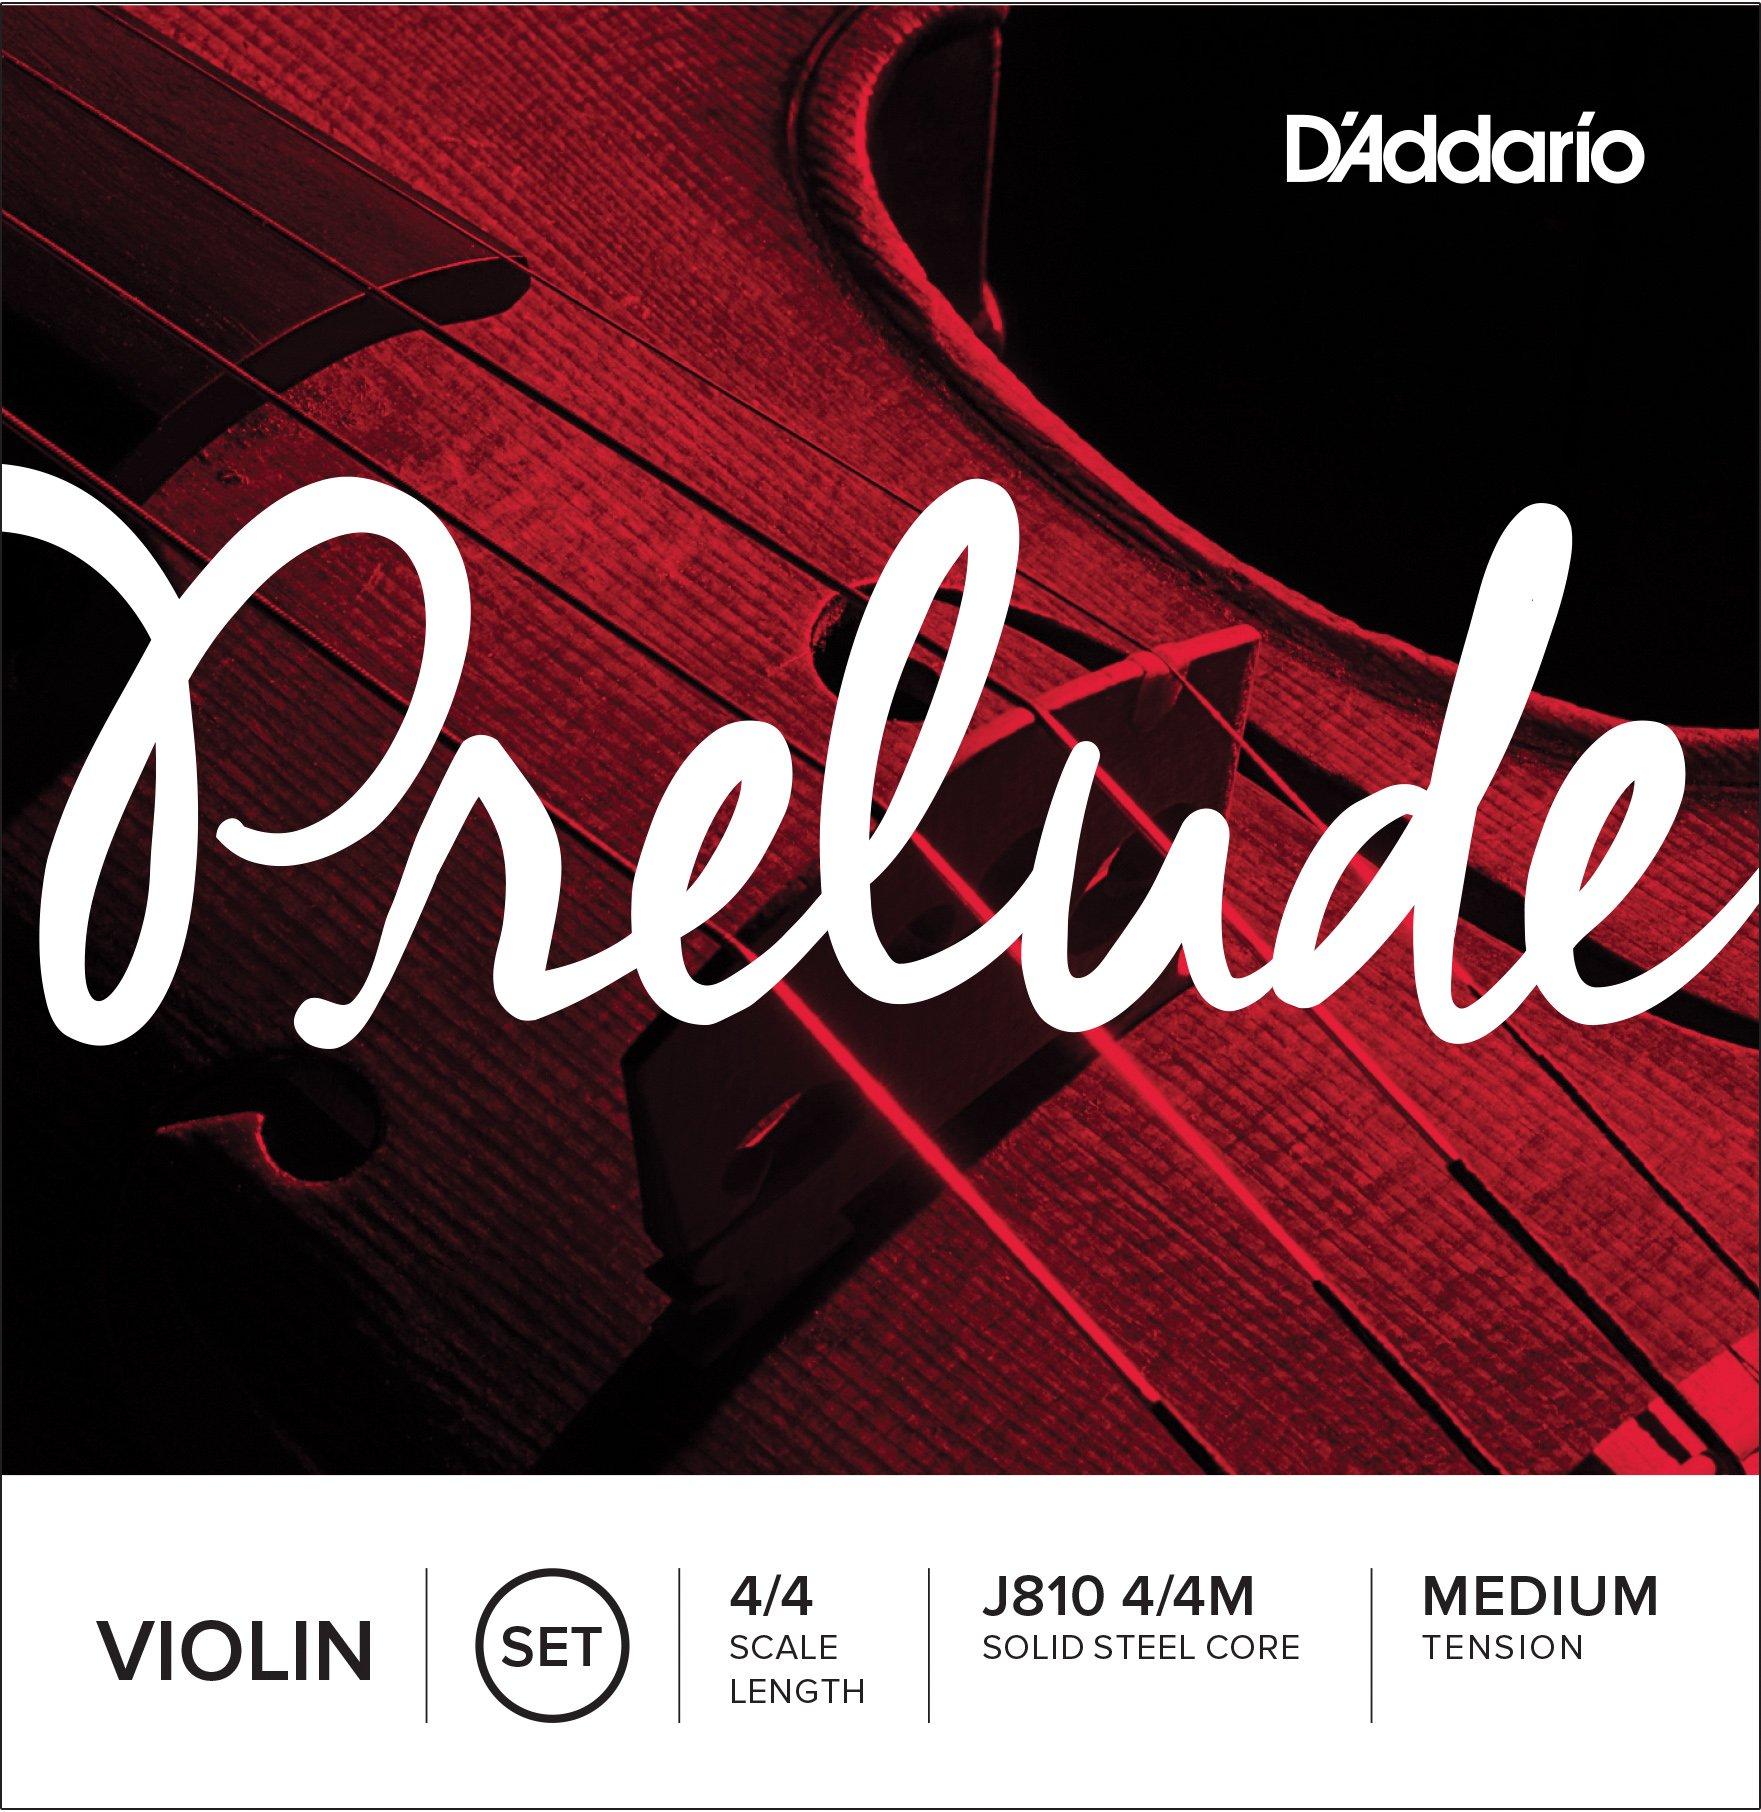 Juego de cuerdas para violín Prelude de D'Addario, escala 4/4, tensión media. product image